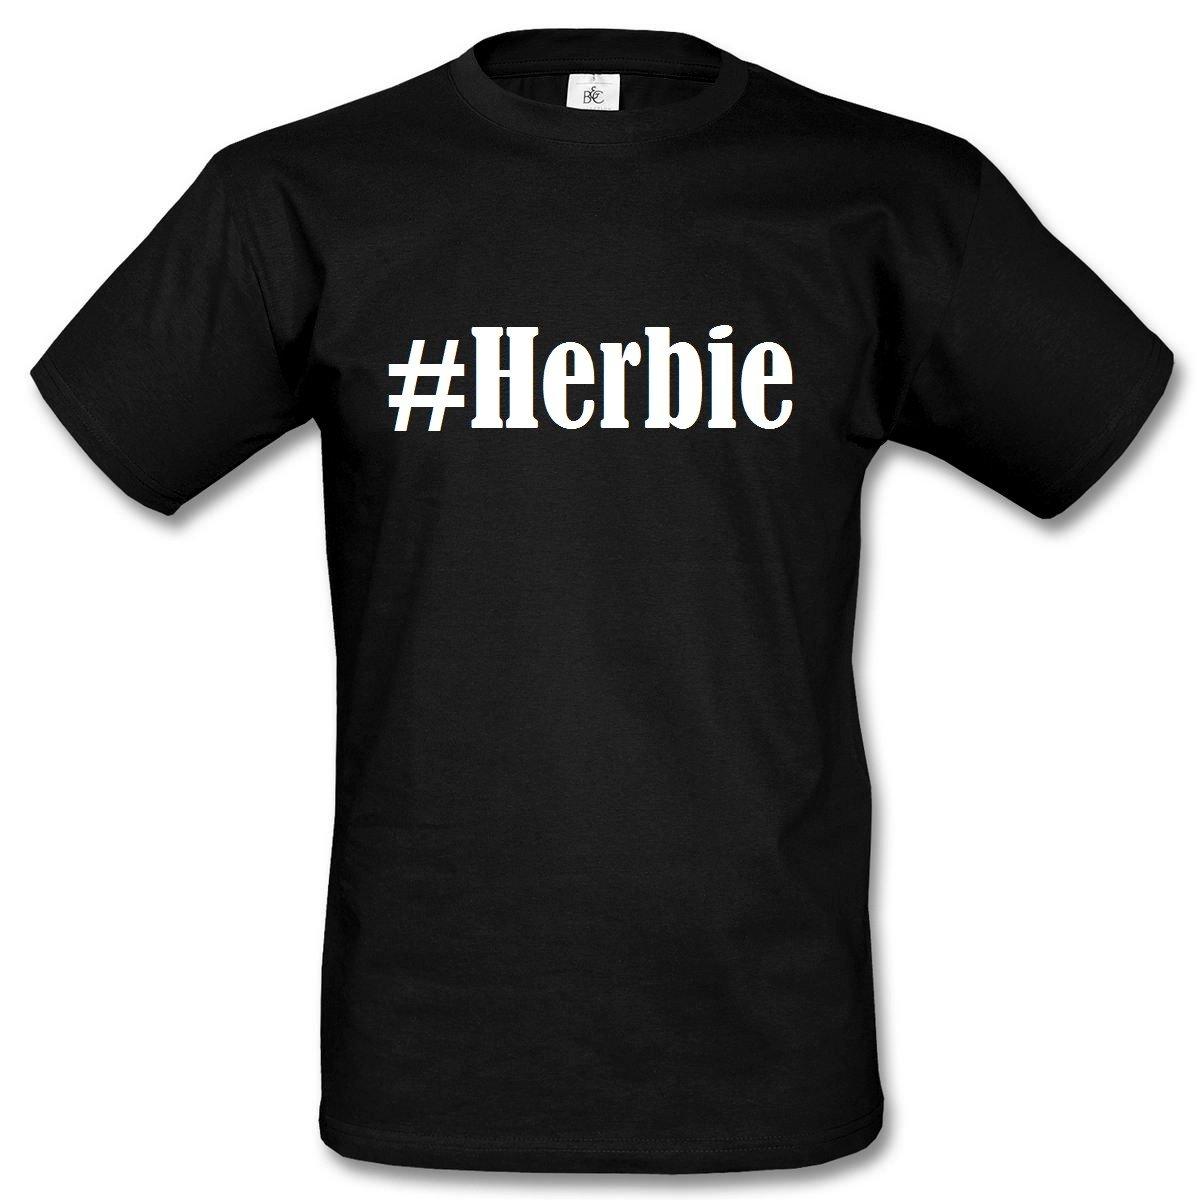 T-Shirt #Herbie Hashtag Raute für Damen Herren und Kinder ... in den Farben  Schwarz und Weiss: Amazon.de: Bekleidung